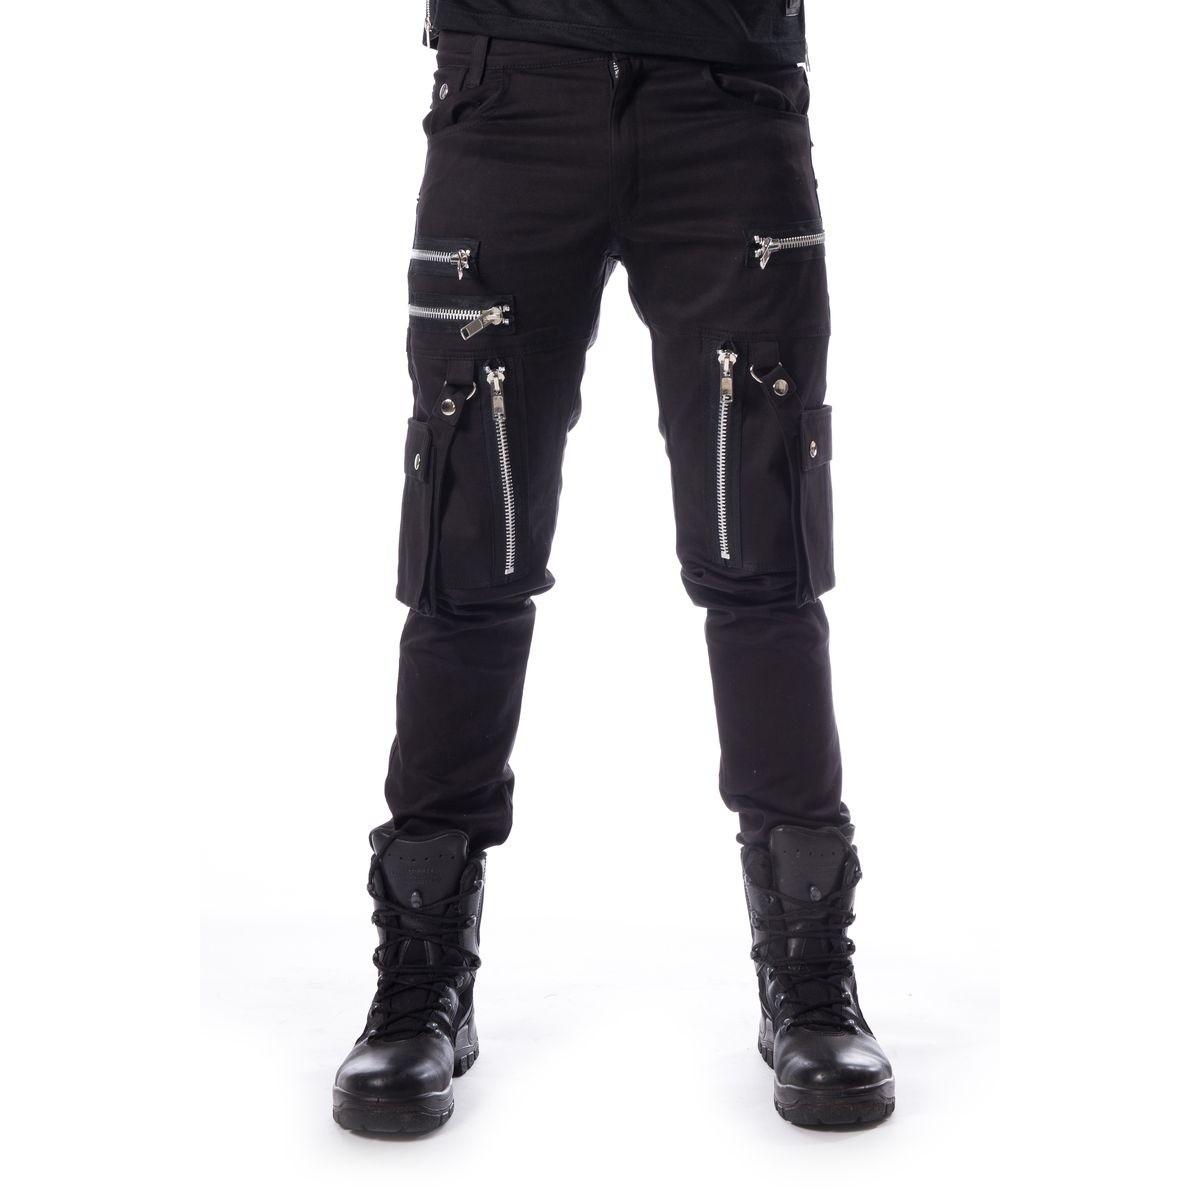 Broek Andre zwart met ritsen en afneembare zakken